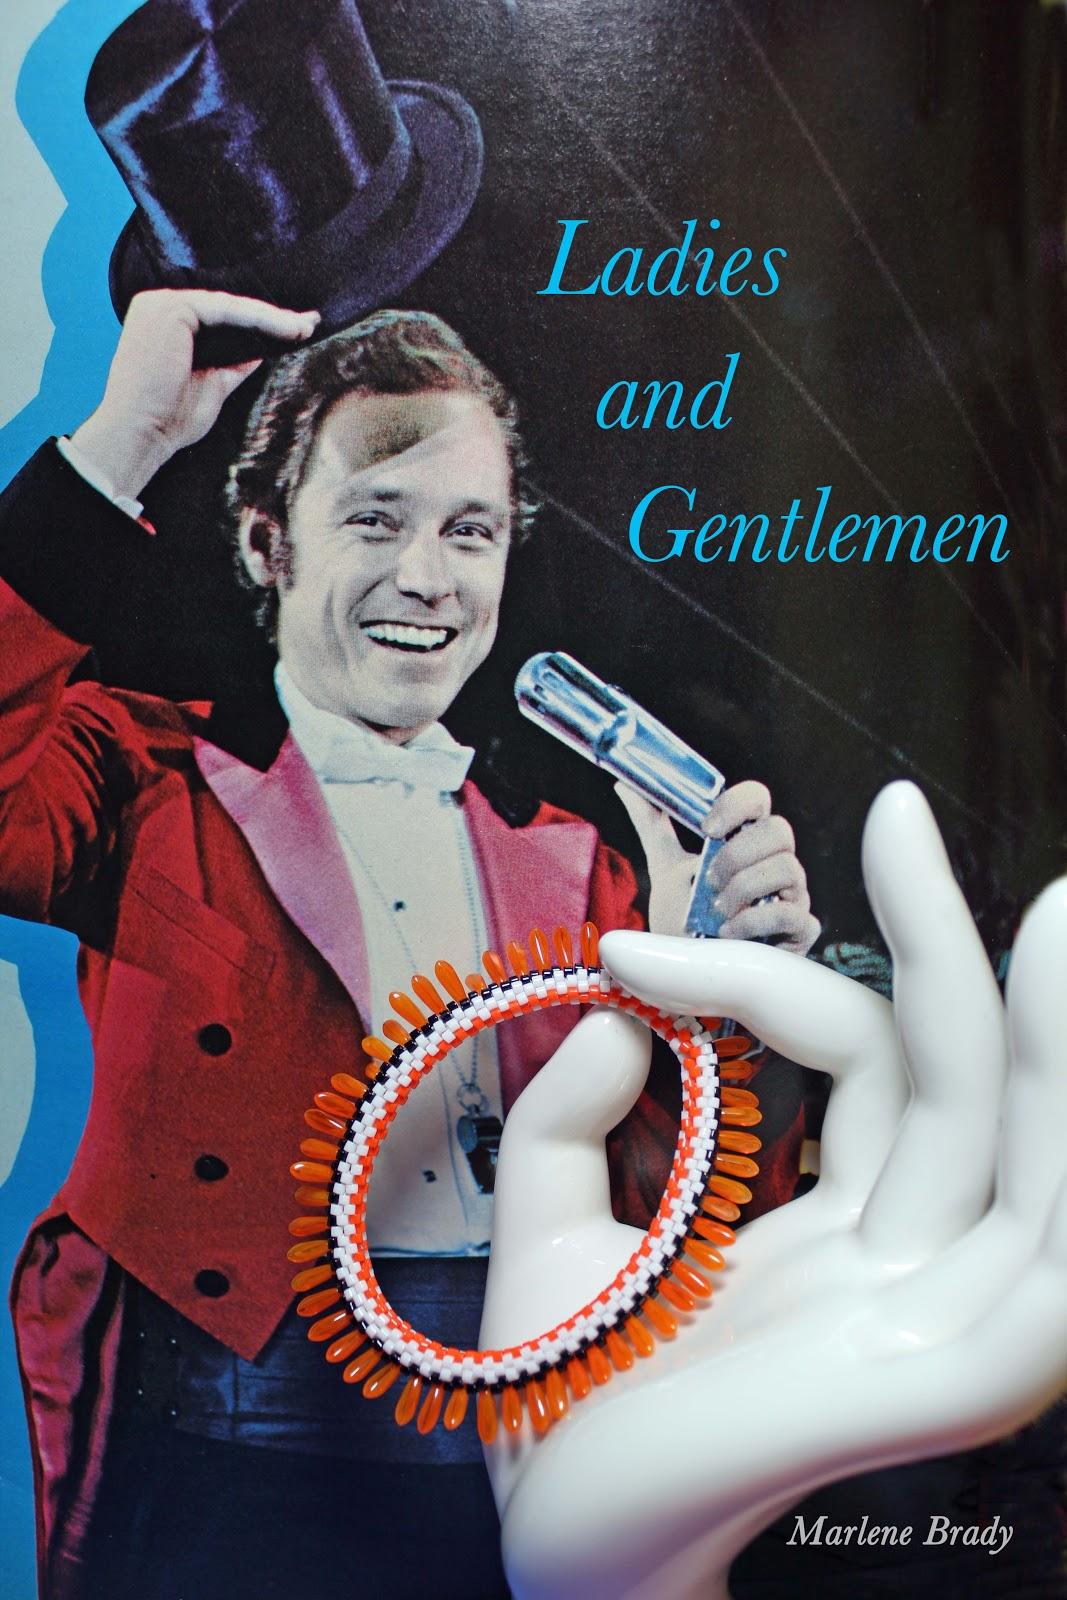 http://4.bp.blogspot.com/-oaWlmK7Bl6Q/UWfD4oPA_YI/AAAAAAAAPQg/NKGIfSkwKMM/s1600/Circus+Bracelet+%231_.jpg